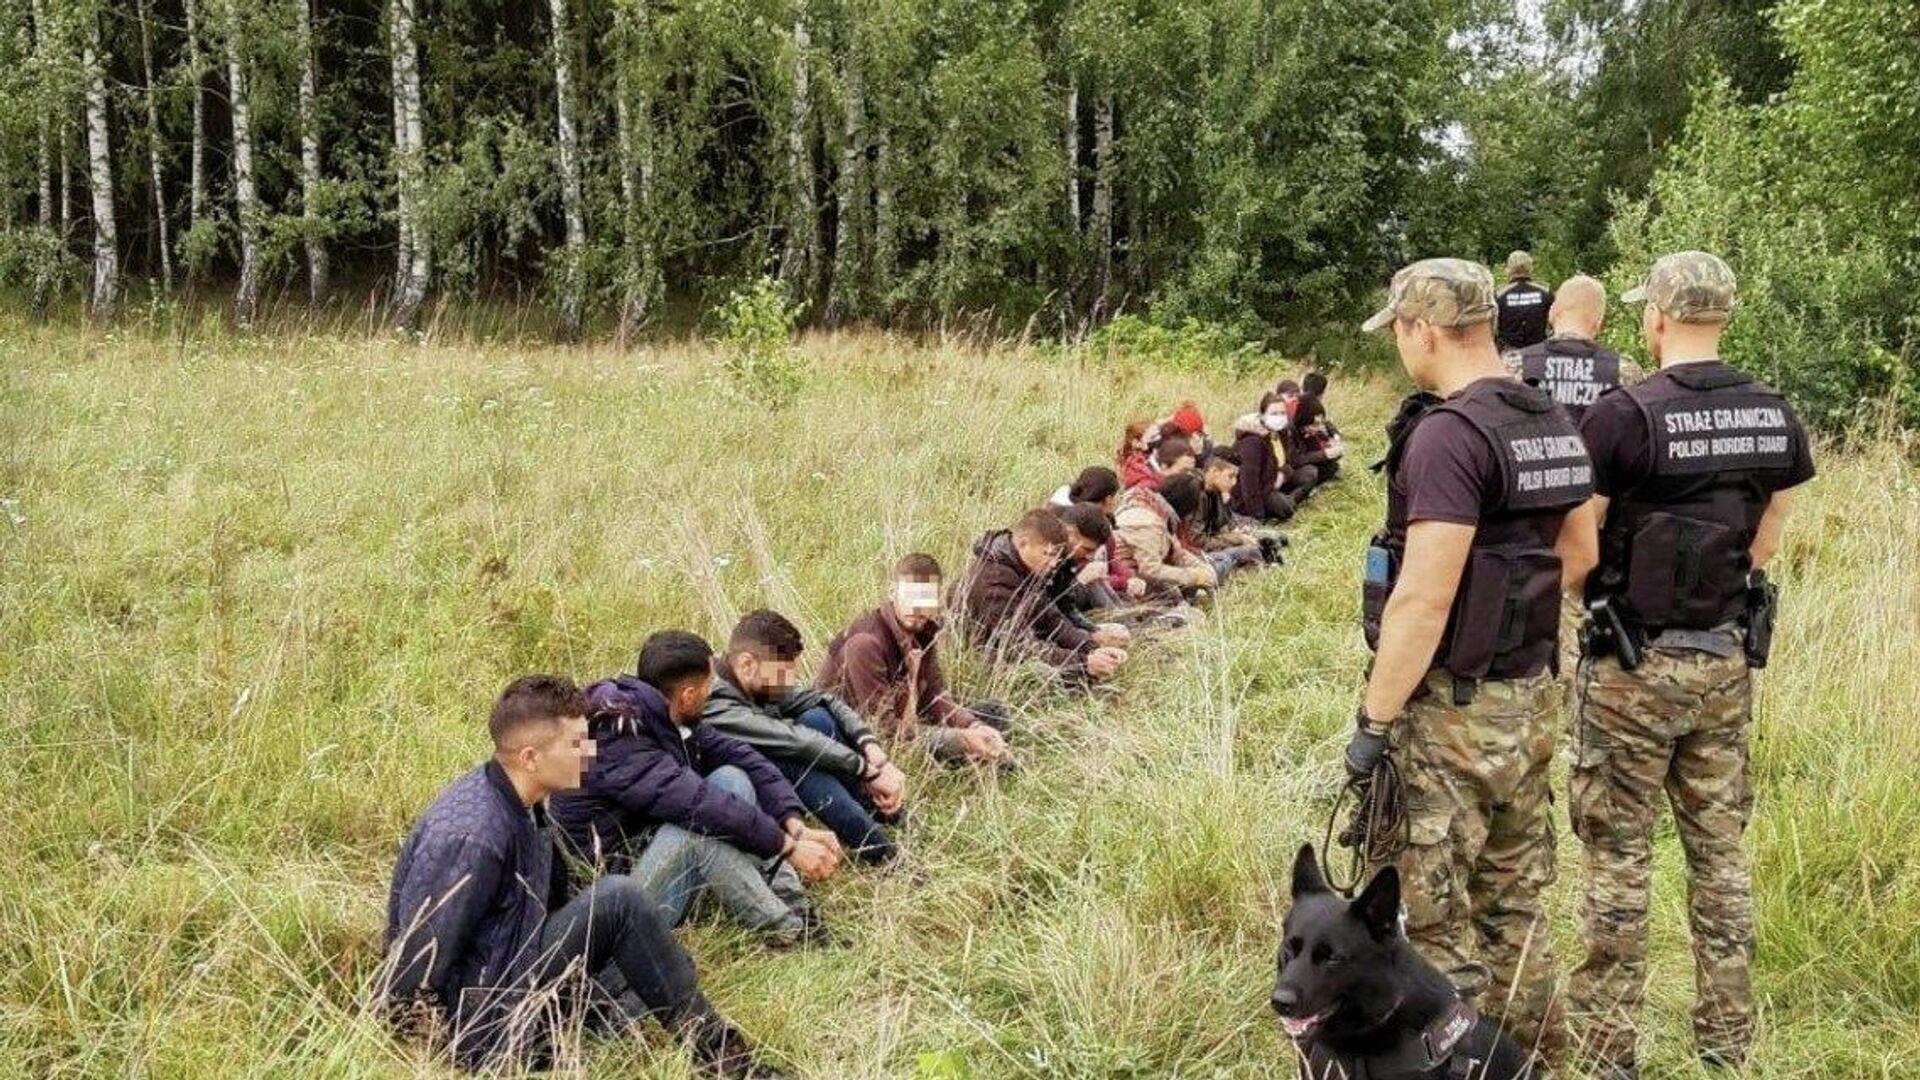 Poljska pogranična policija privodi migrante koji su pokušali da pređu granicu - Sputnik Srbija, 1920, 19.08.2021